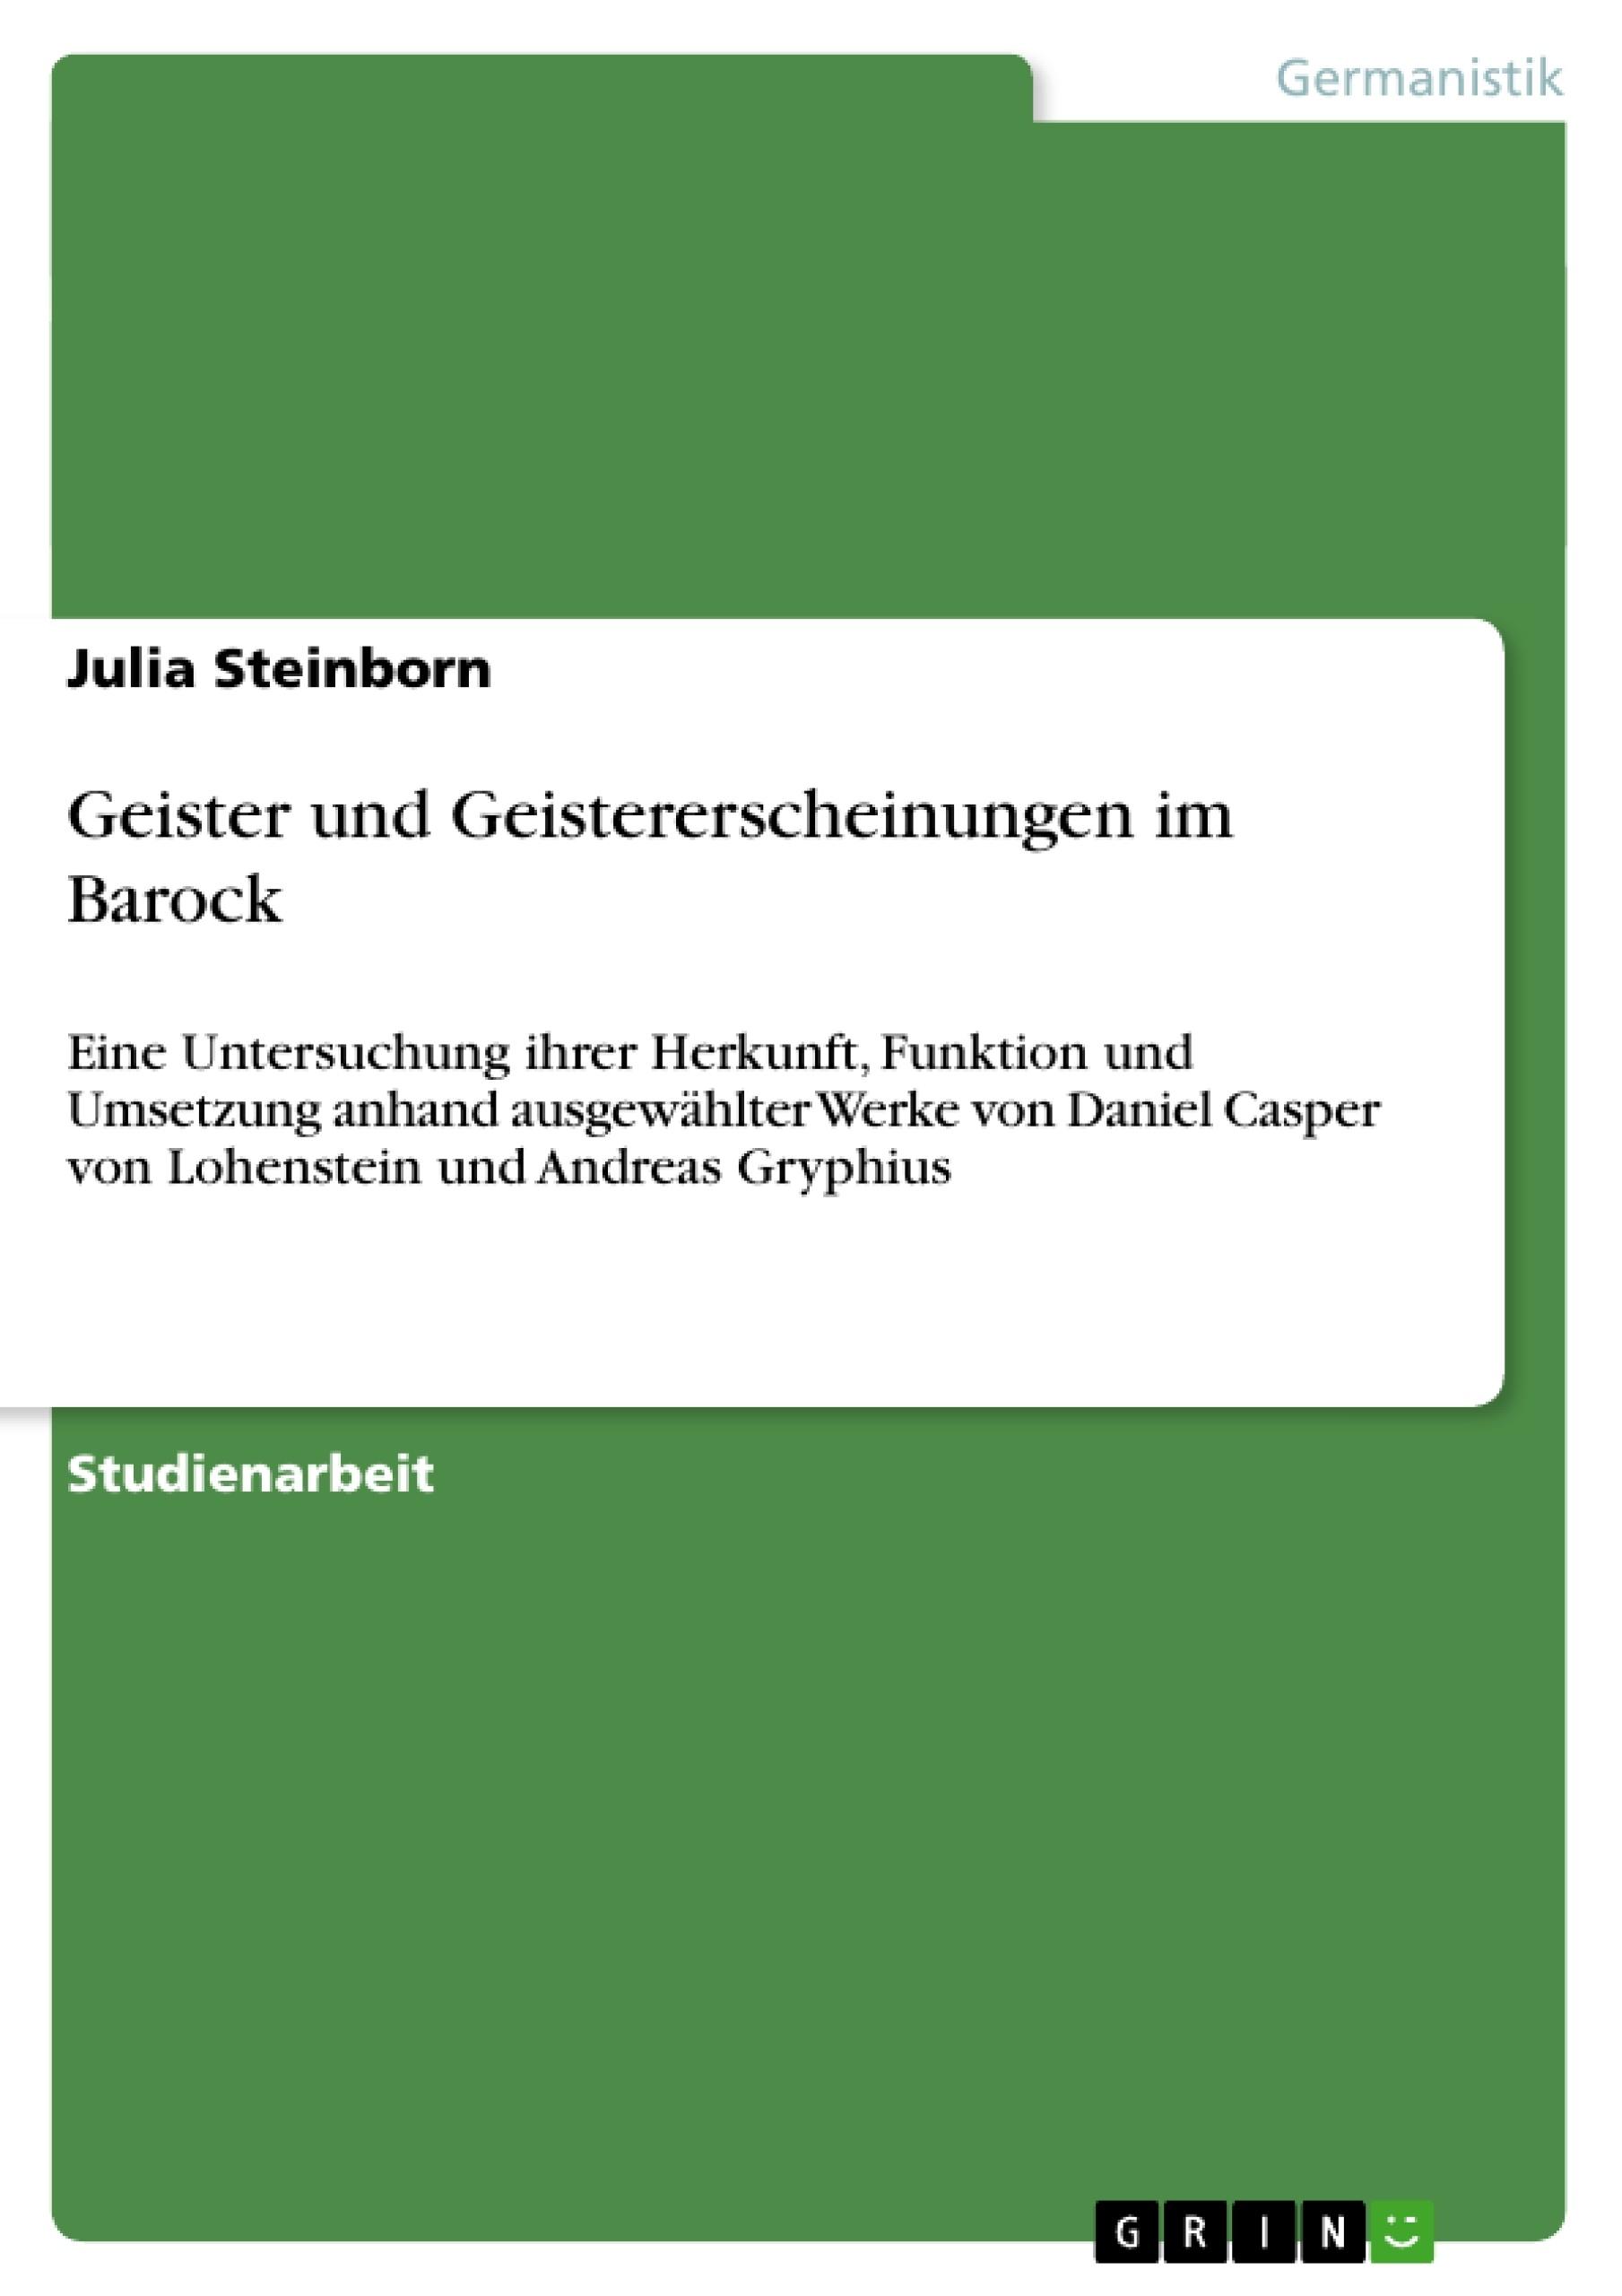 Titel: Geister und Geistererscheinungen im Barock